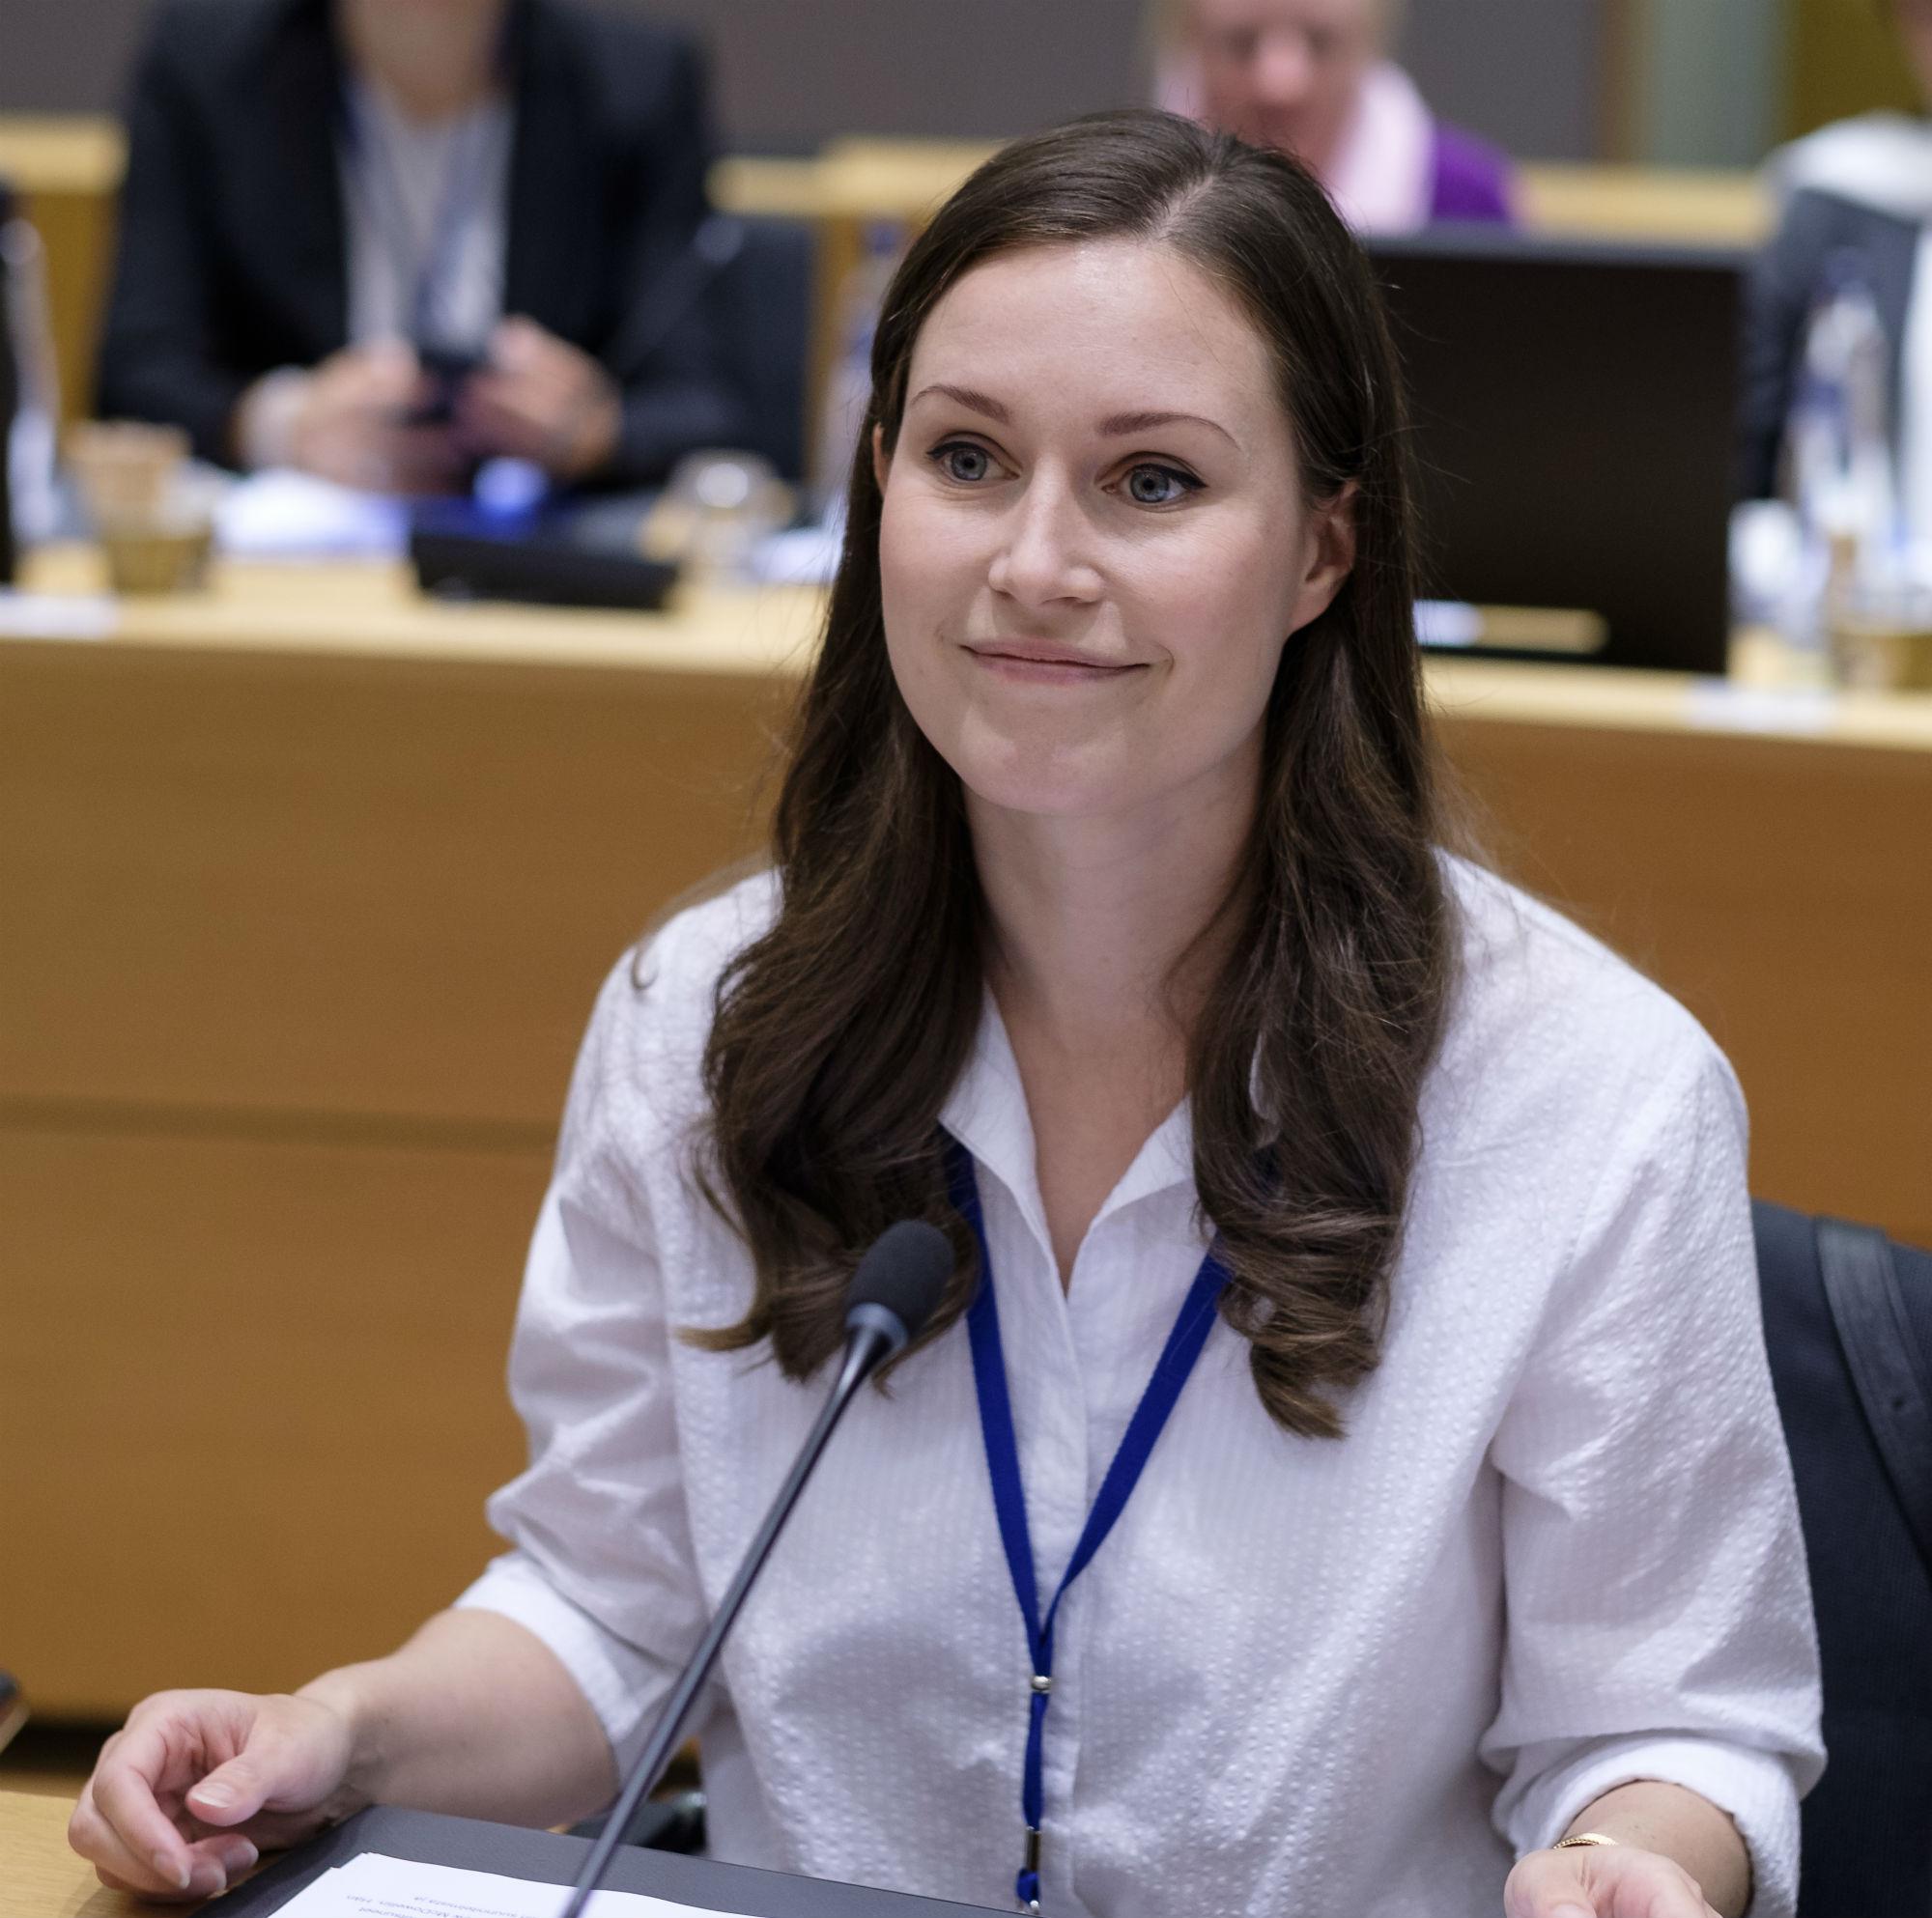 Przyszła szefowa rządu Finlandii ma zaledwie 34 lata iciekawą biografię